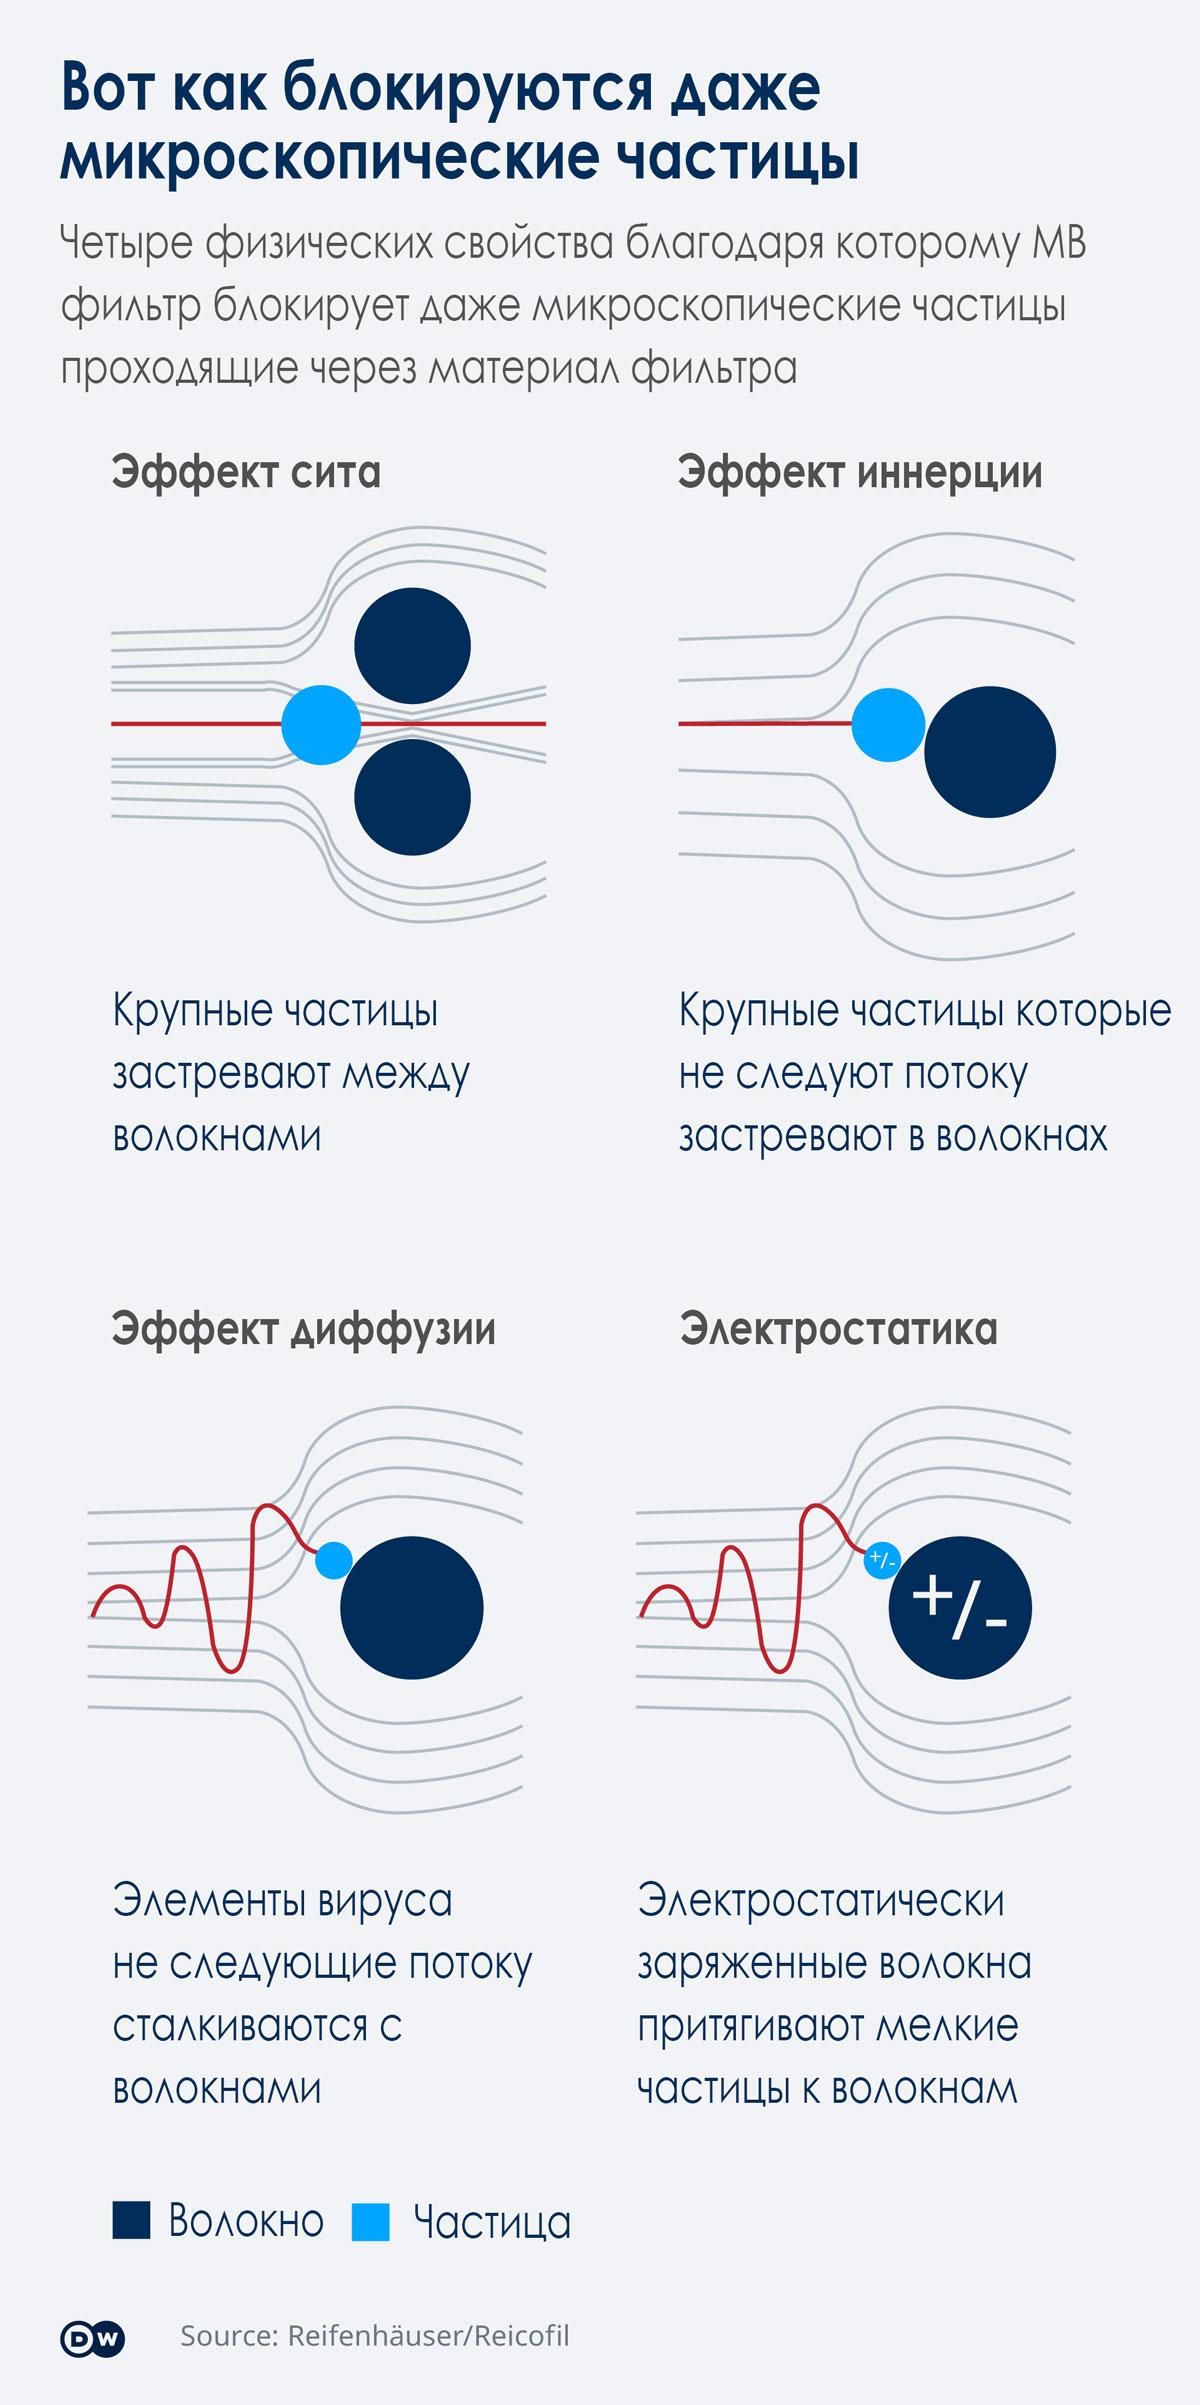 действие нитей фильтра на частицы вируса